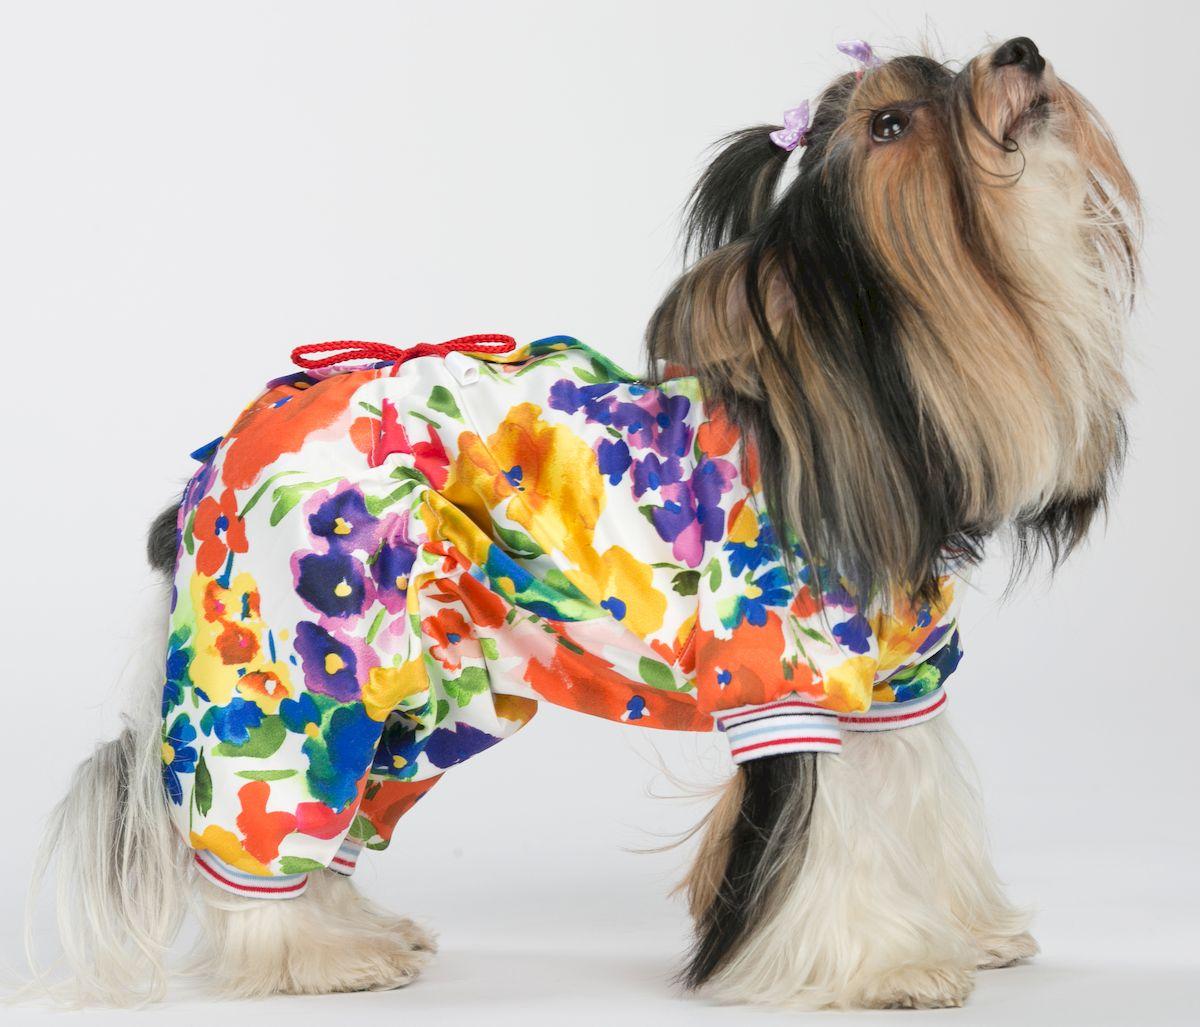 Комбинезон для собак Yoriki  Леди , для девочки. Размер S - Одежда, обувь, украшения